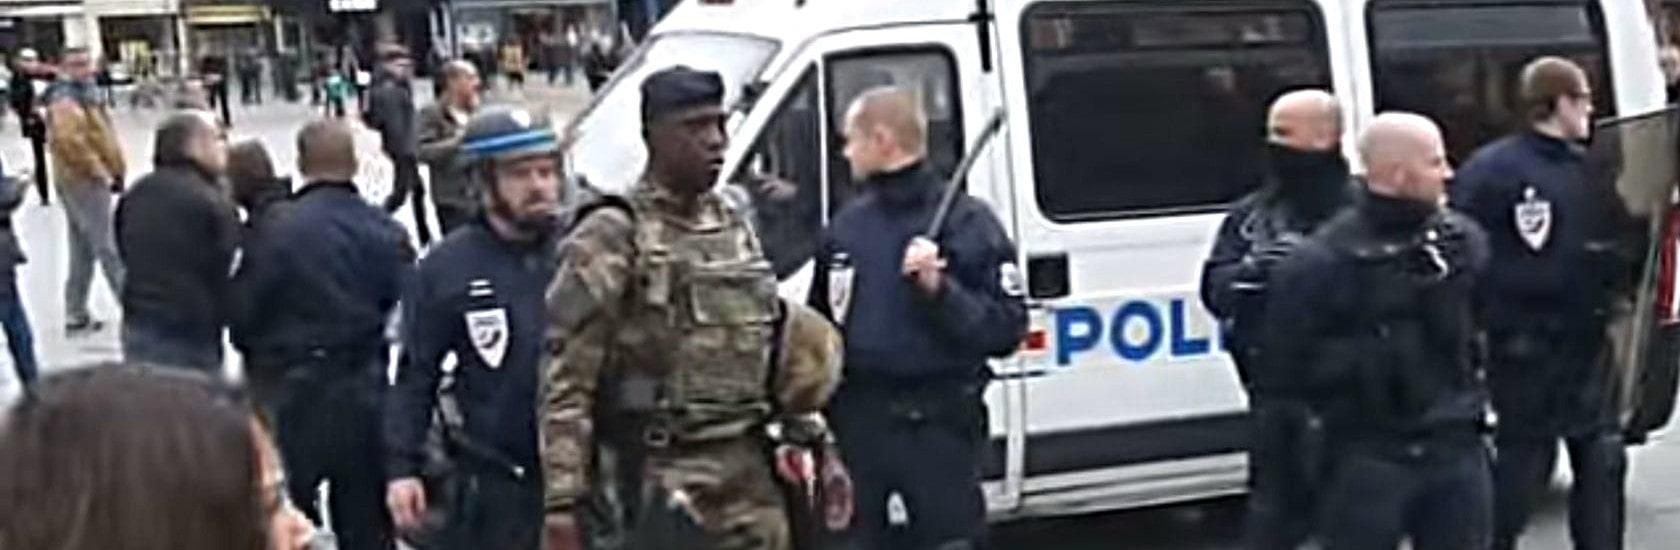 Militaires et policiers face à des manifestants place Kléber, retour en vidéos